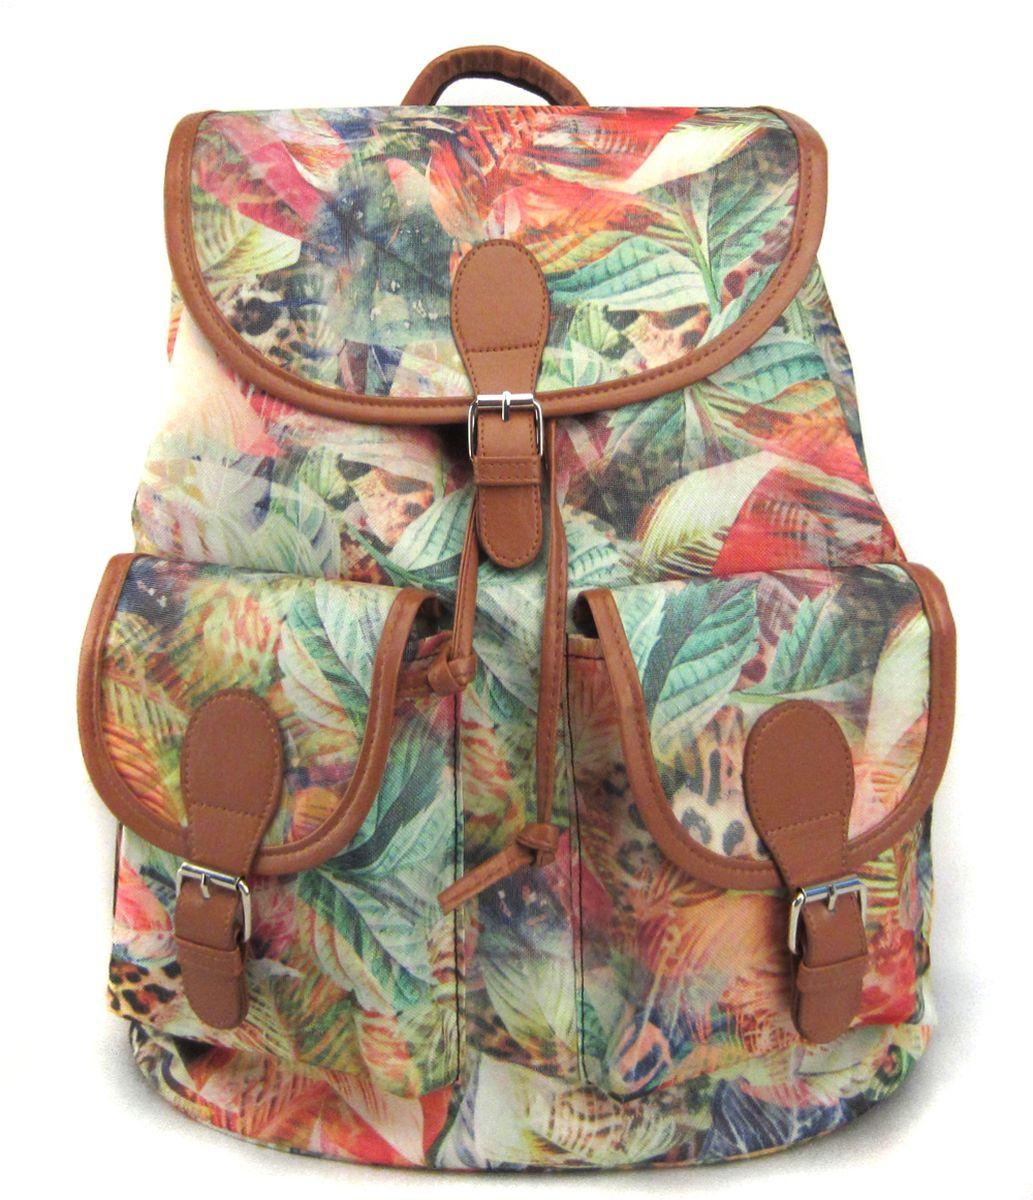 Рюкзак молодежный Creative Флора лета, цвет: мультиколор, 23 лGL-BC871Интересная, броская, очень стильная модель, которая будет делать ярче каждый день! Этот рюкзак сочетает в себе практичность и экологичность и любимый многими растительный принт в довольно ярком цветовом решении.